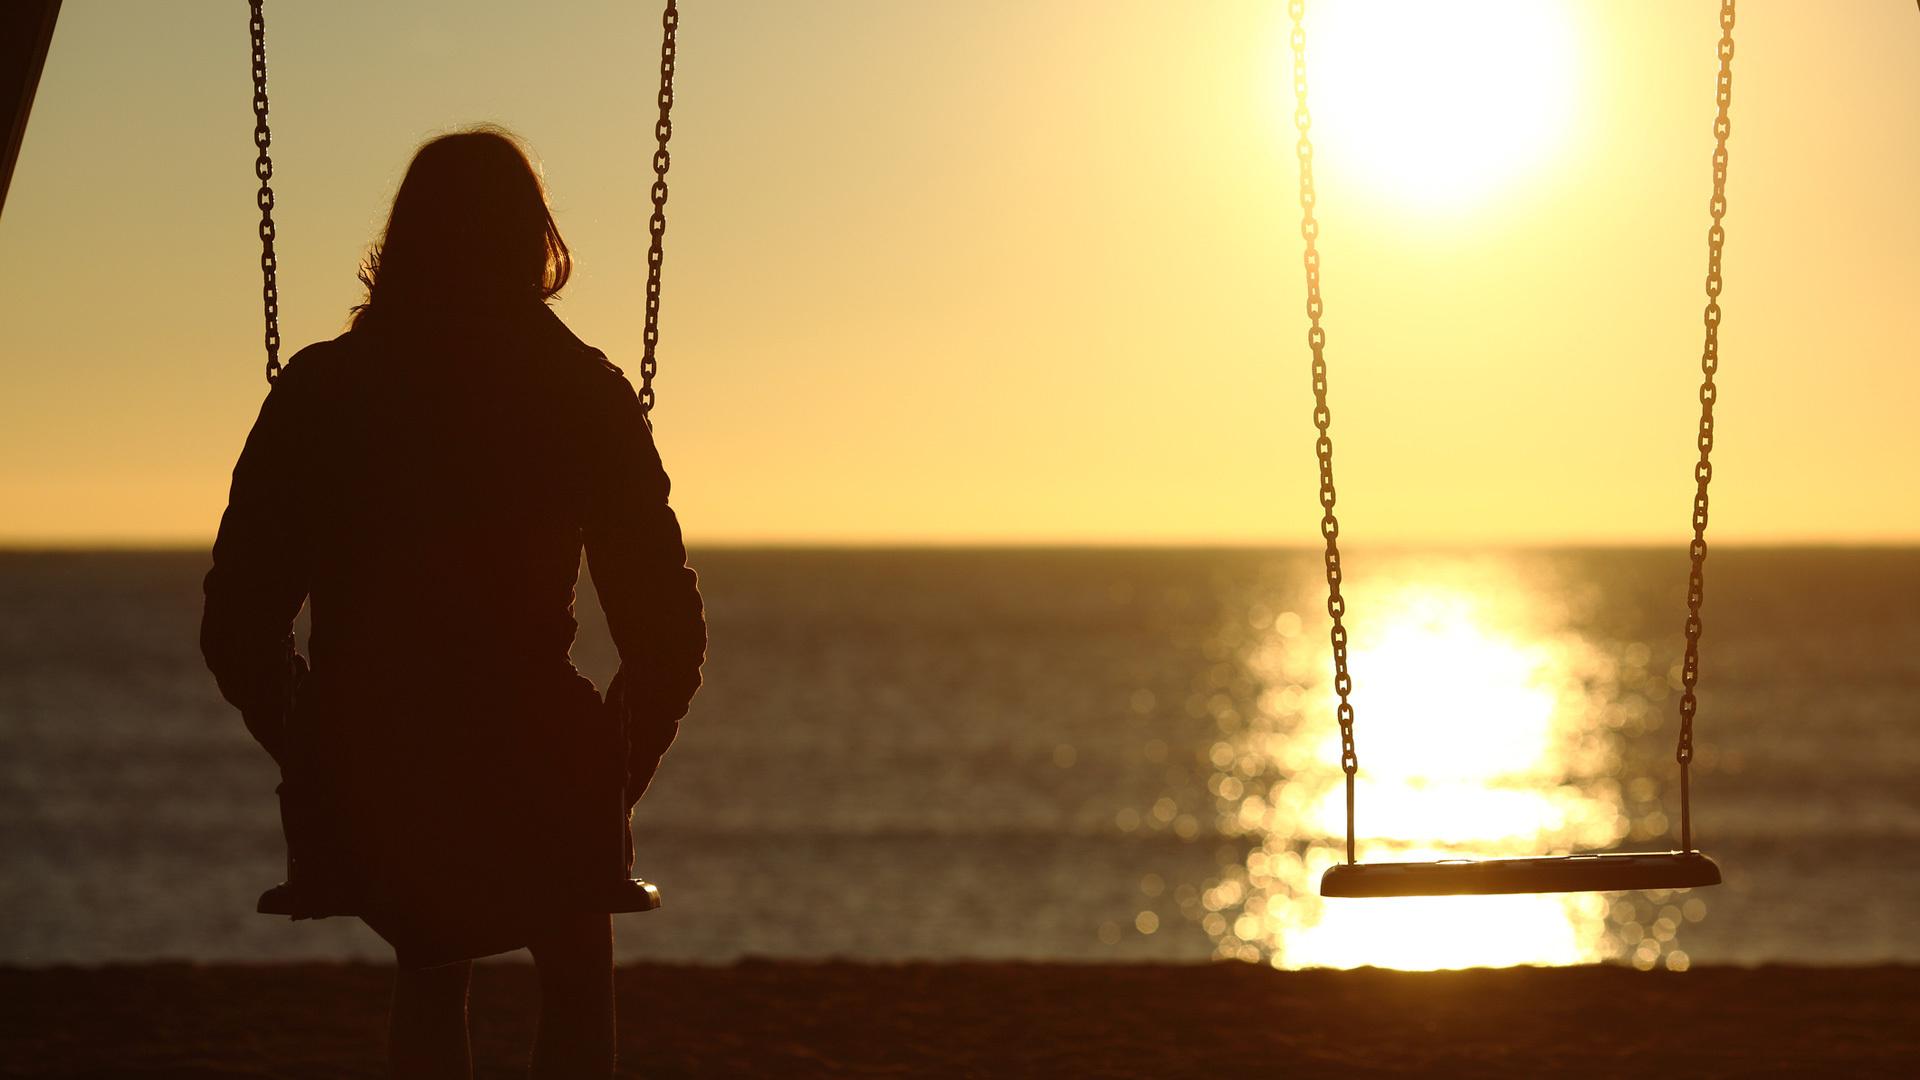 картинки одиночества друзей некоторым